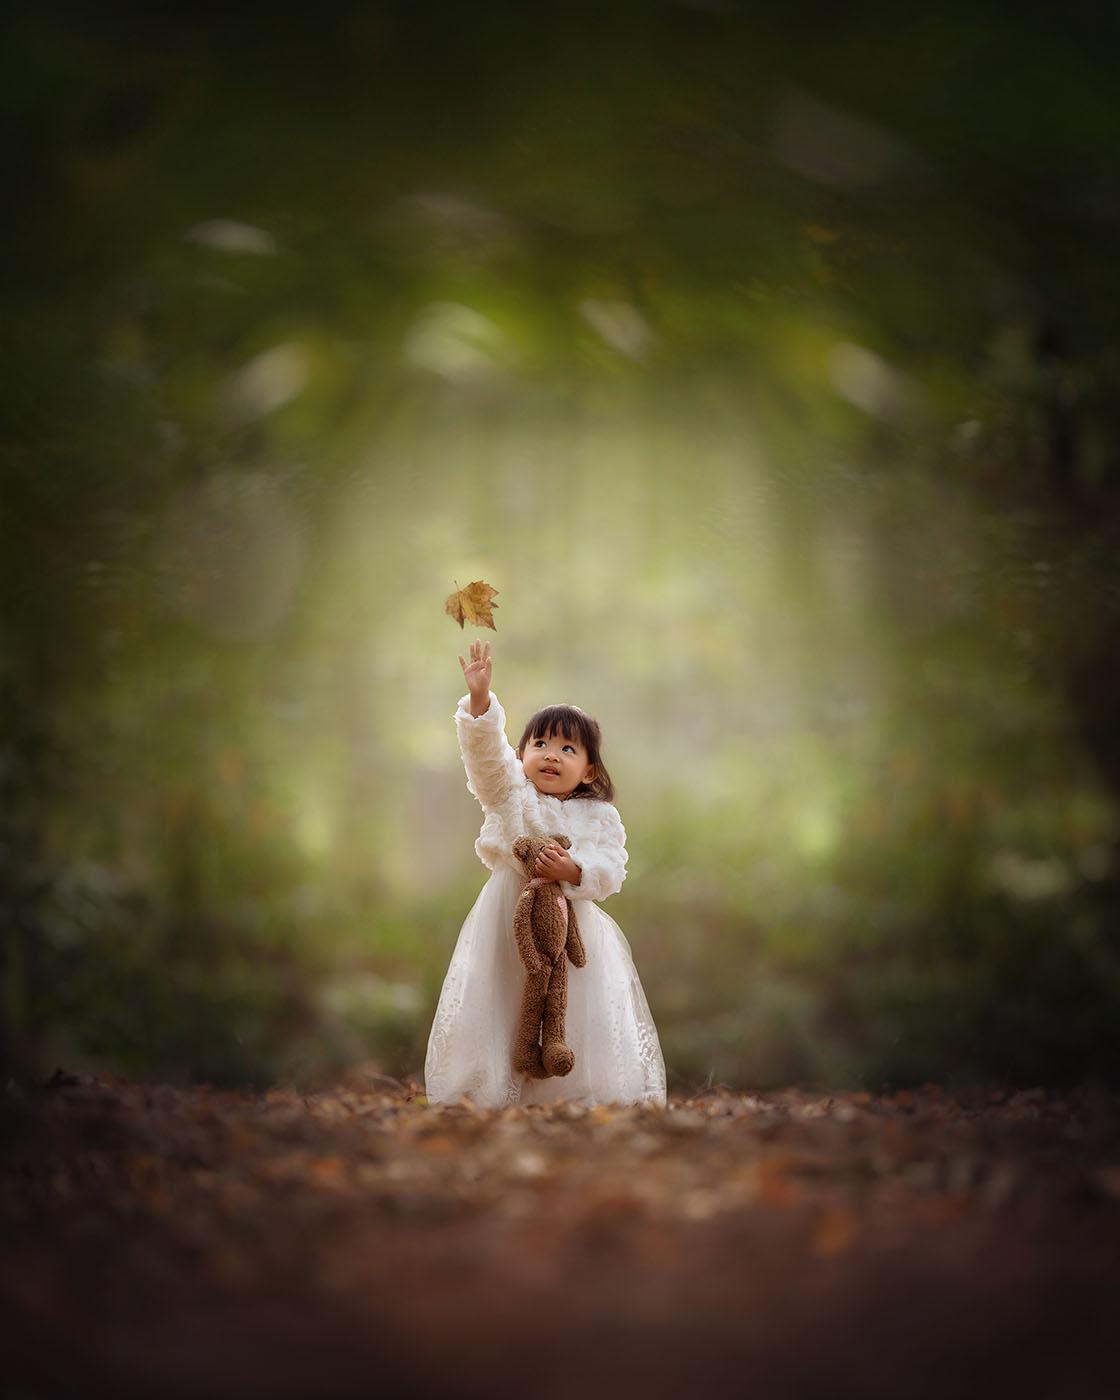 Foto van een meisje in het bos gemaakt voor de opleiding natuurlijk licht fotograaf van Willie Kers uit Apeldoorn